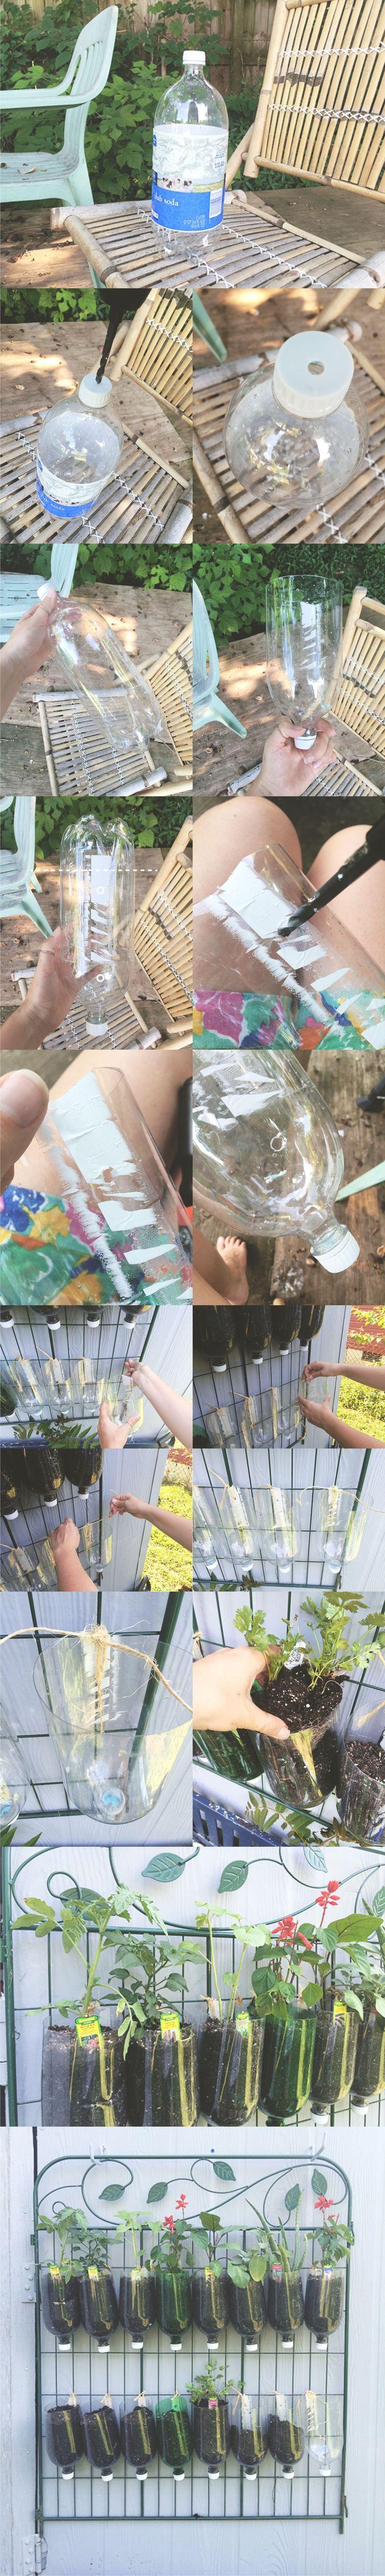 Peque o jard n vertical reciclando botellas de pl stico for Jardin vertical reciclado